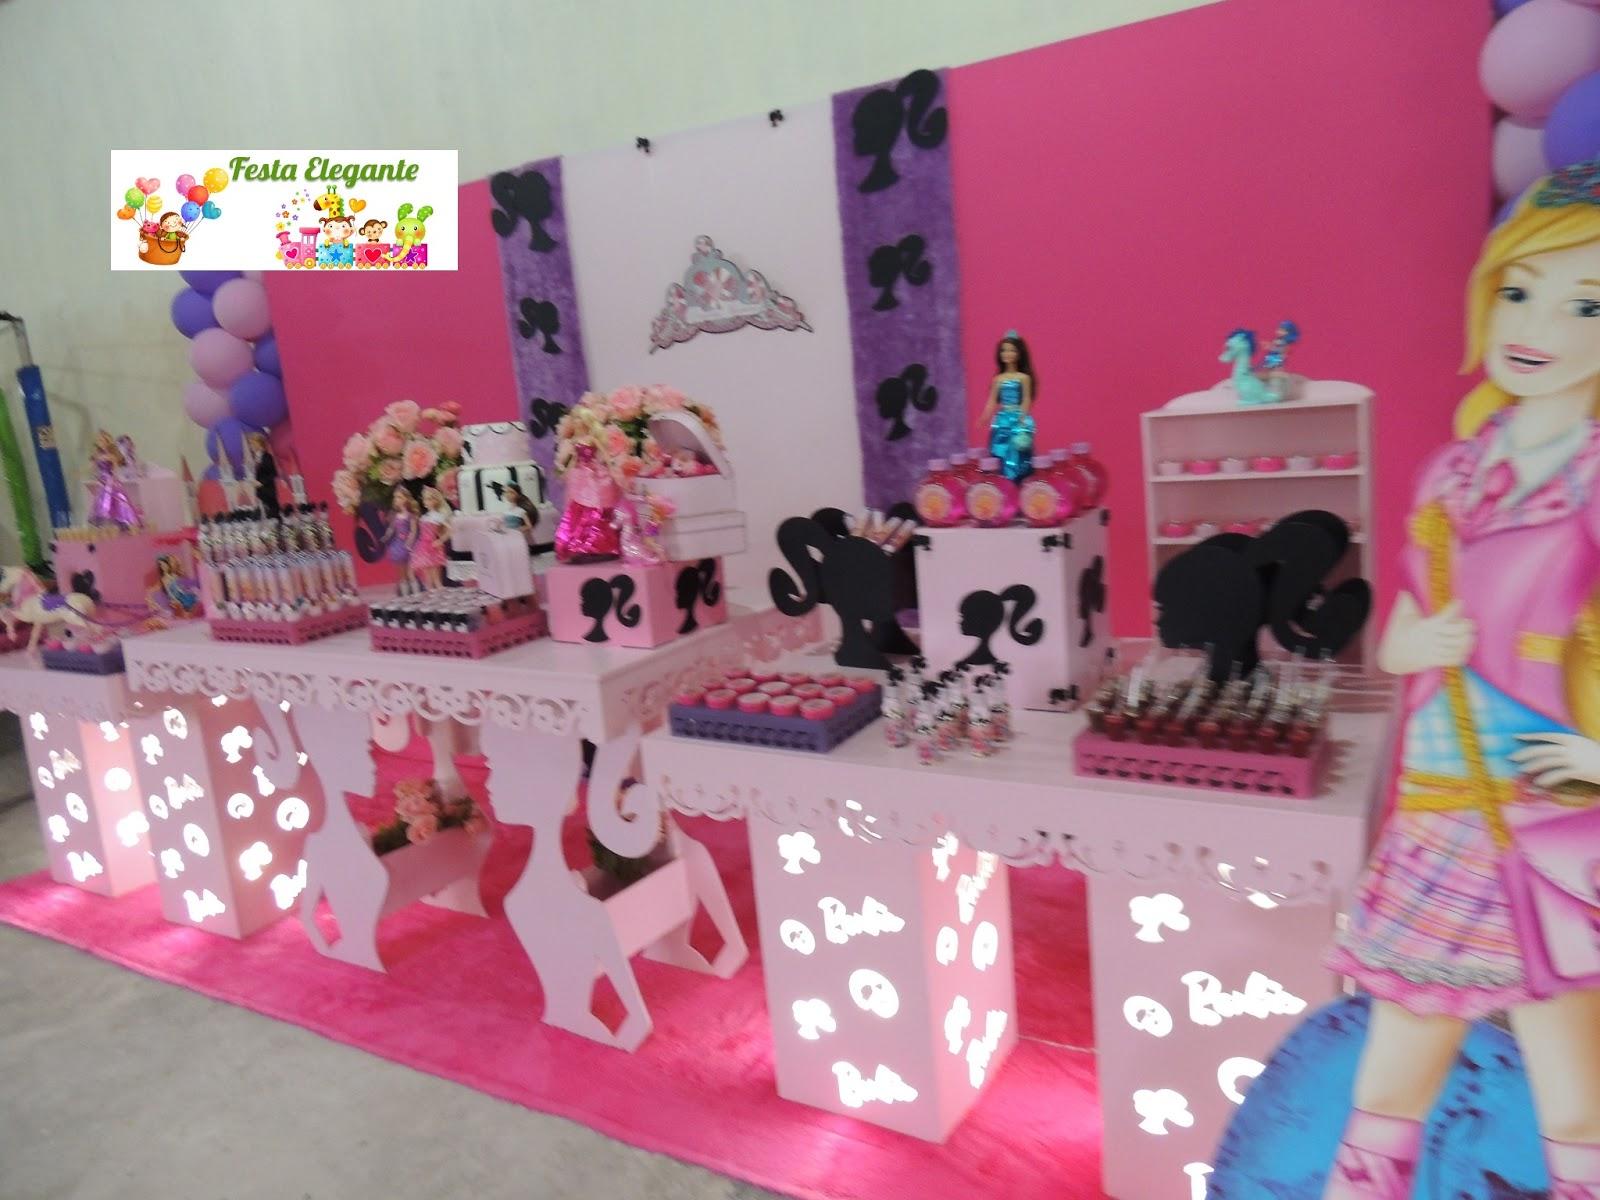 decoracao festa xuxinha:FESTA ELEGANTE DECORAÇÃO PARA FESTAS INFANTIS: Barbie Escola de